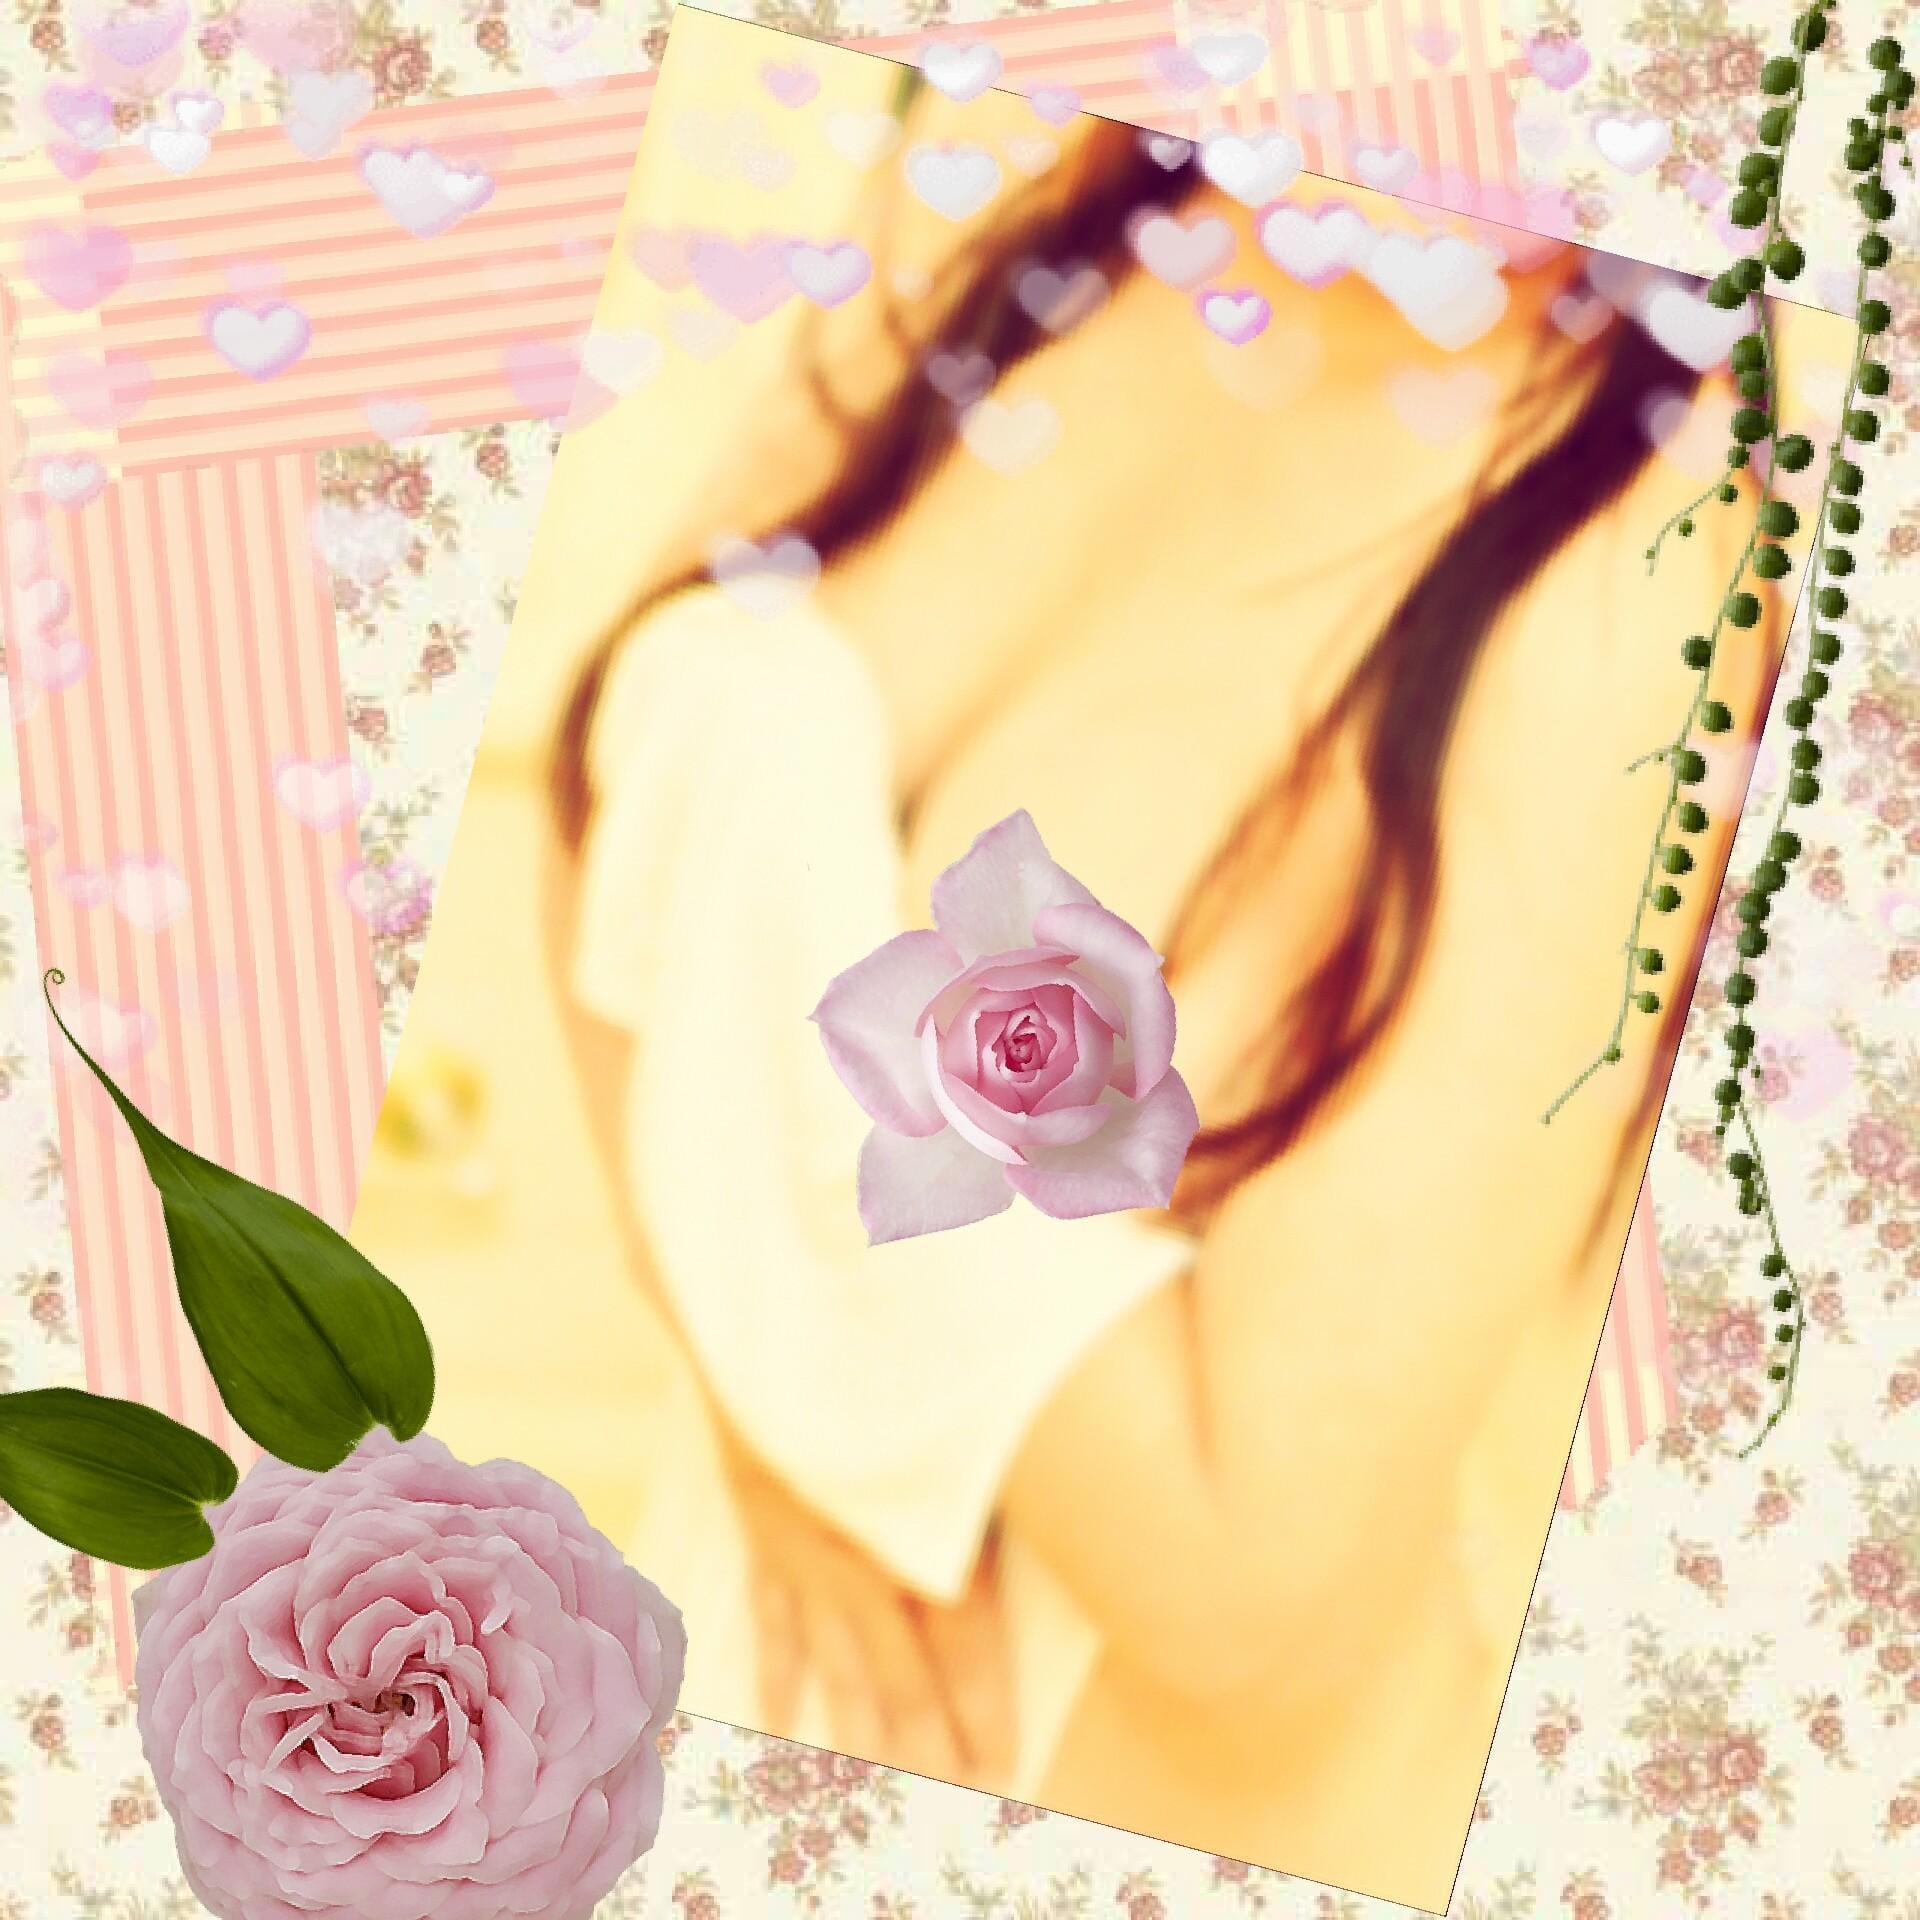 柚木ありさ「N様へ…有難うございました♪」01/18(金) 14:40 | 柚木ありさの写メ・風俗動画